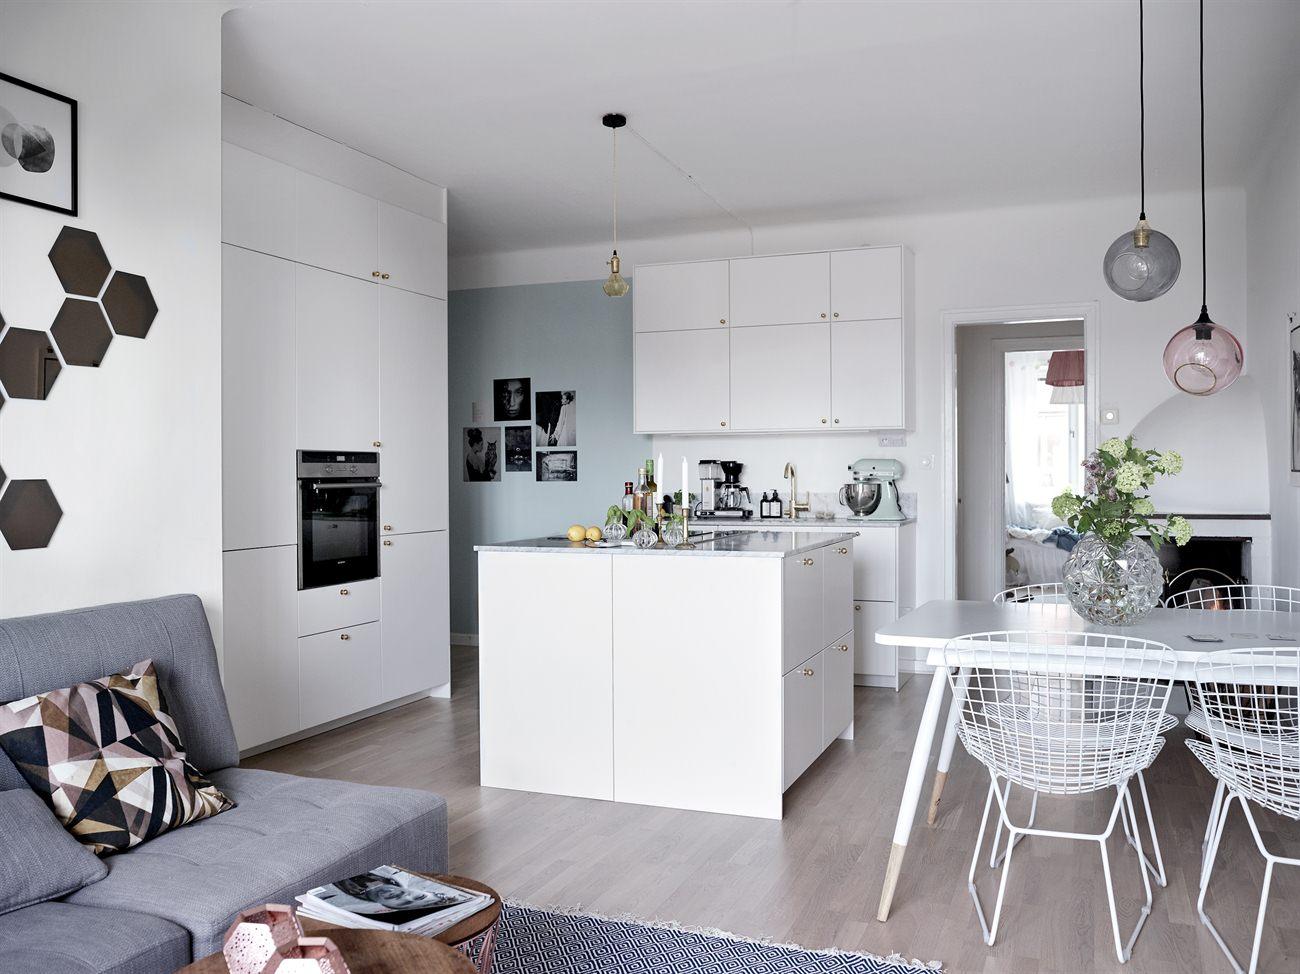 Vivir en un piso de principios del siglo pasado blog for Vivir en un piso interior